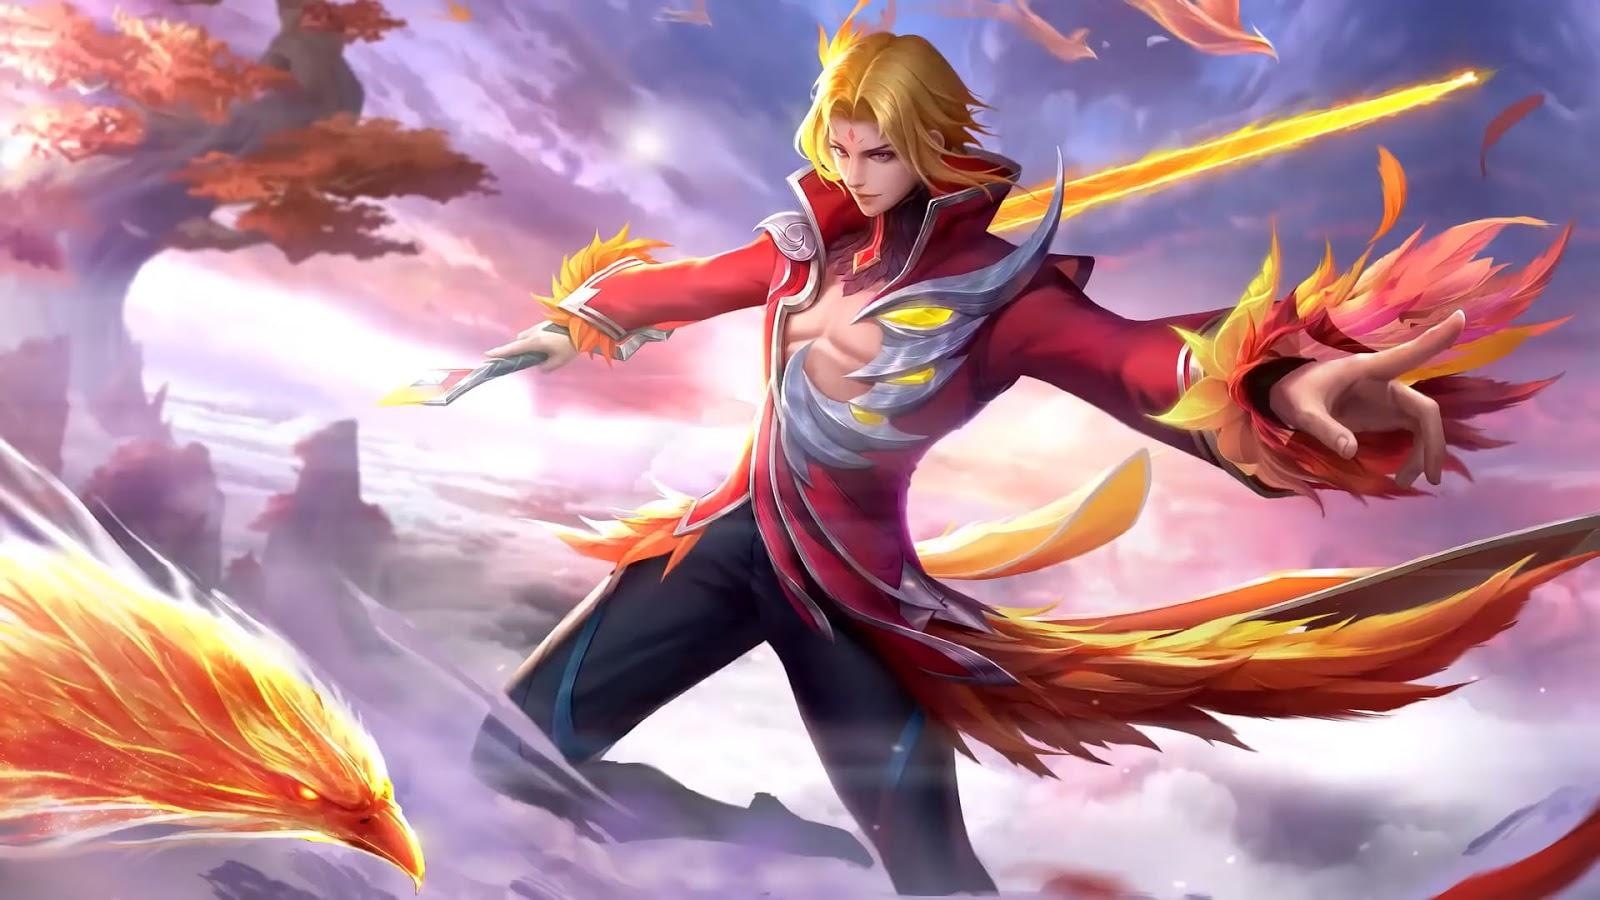 Wallpaper Ling Fiery Dance Skin Mobile Legends HD for PC